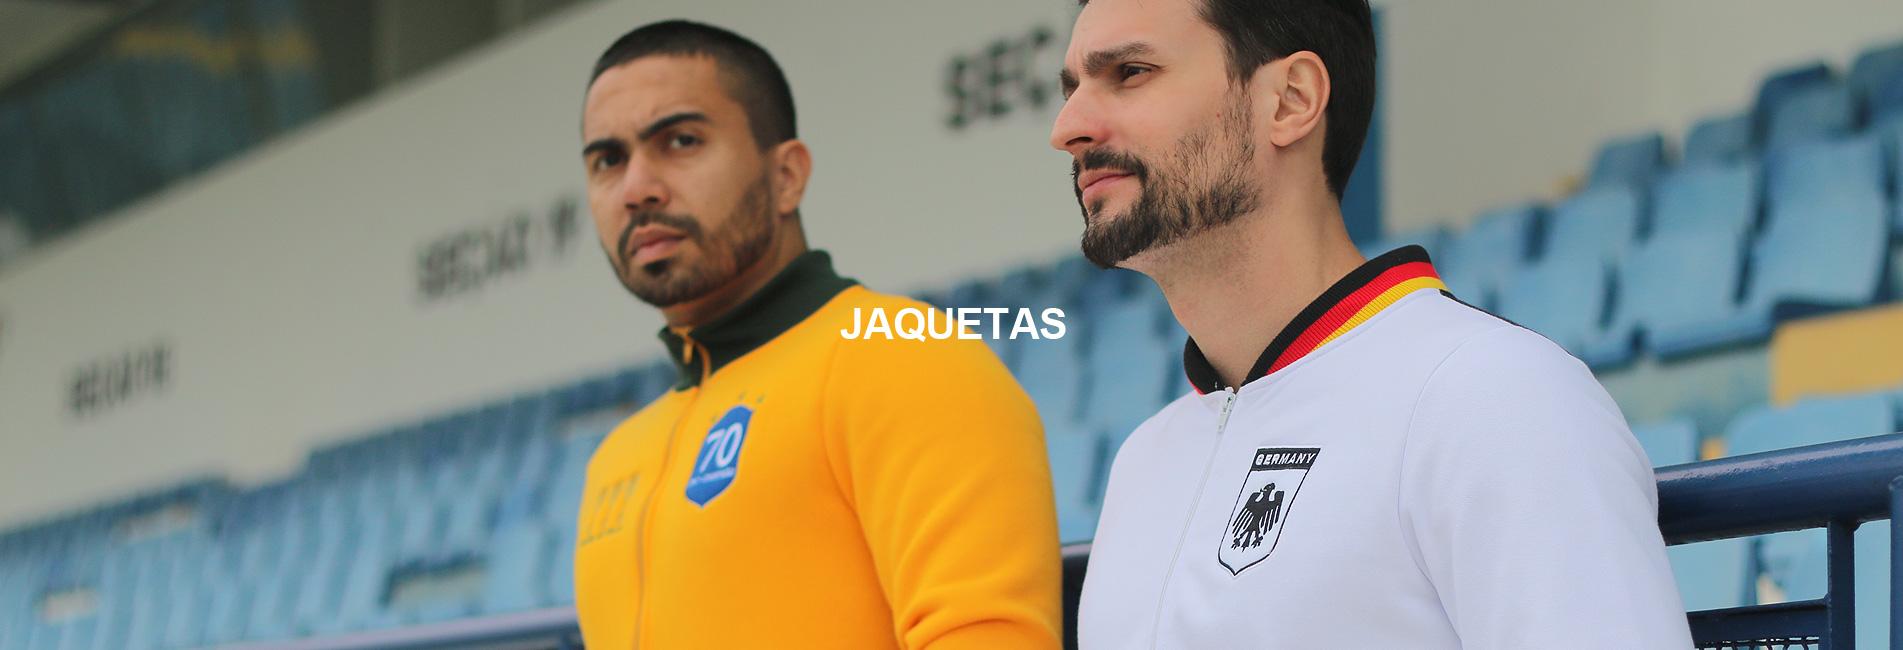 7e8cd57a37 Camisa Retrô Gol São Paulo Libertadores Masculina